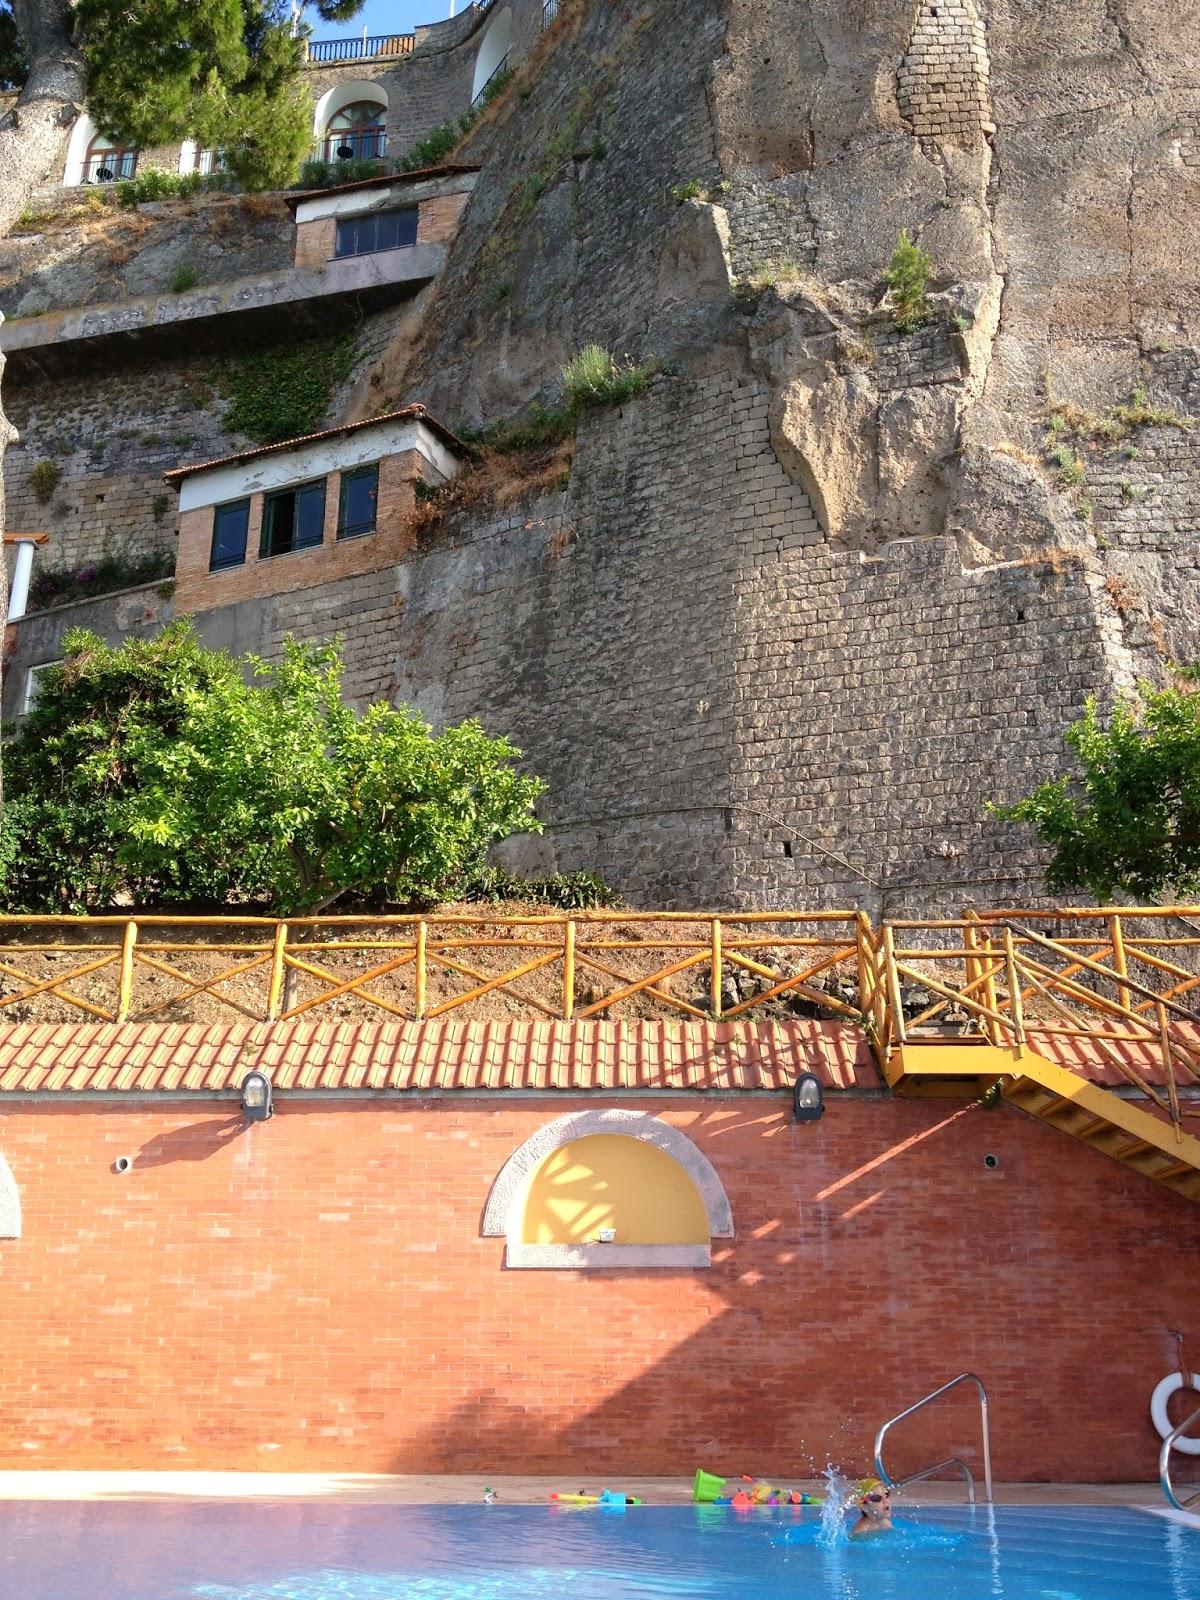 Olha só os quartos do hotel no meio da pedra!